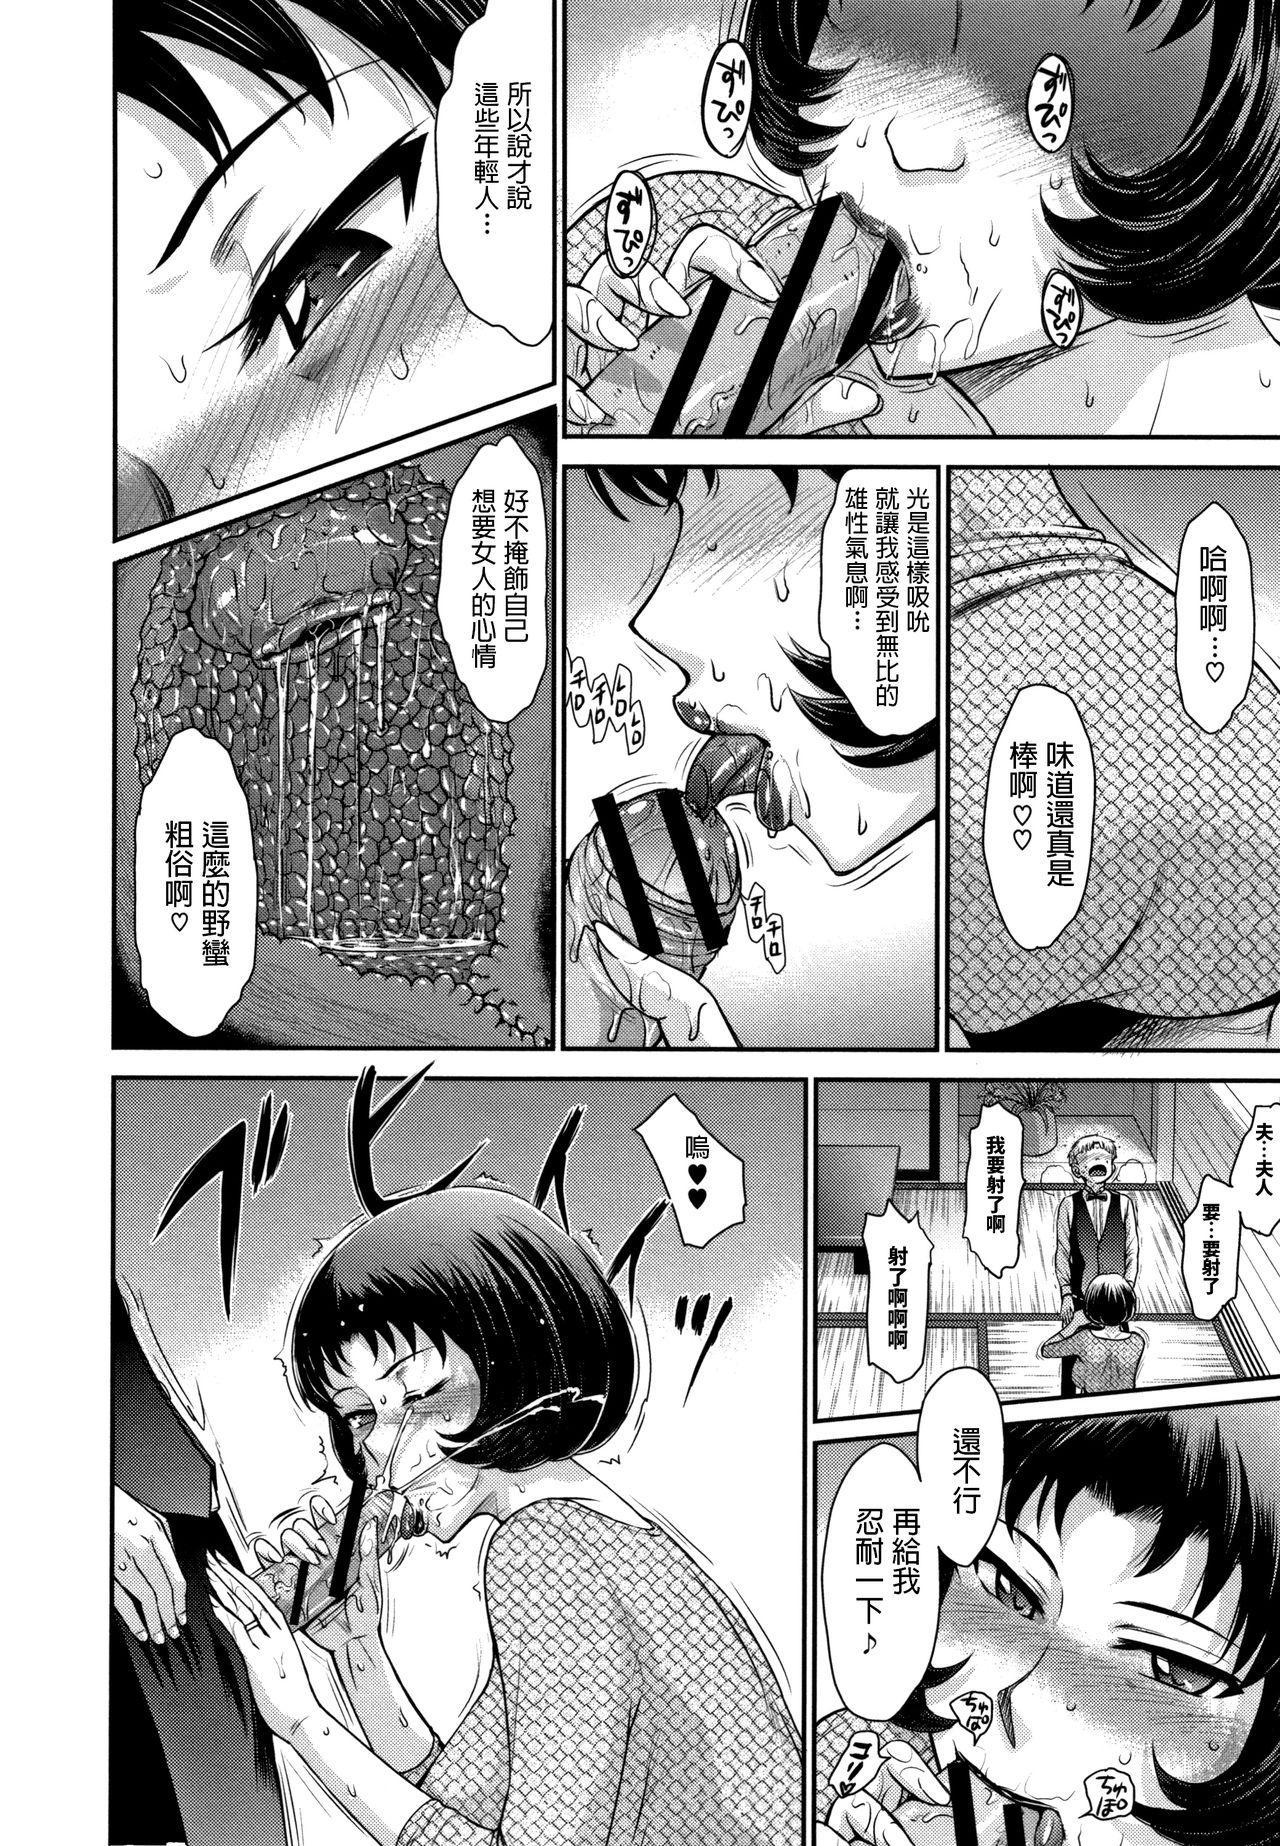 Subete Oku-sama no Oose no Mama ni 5